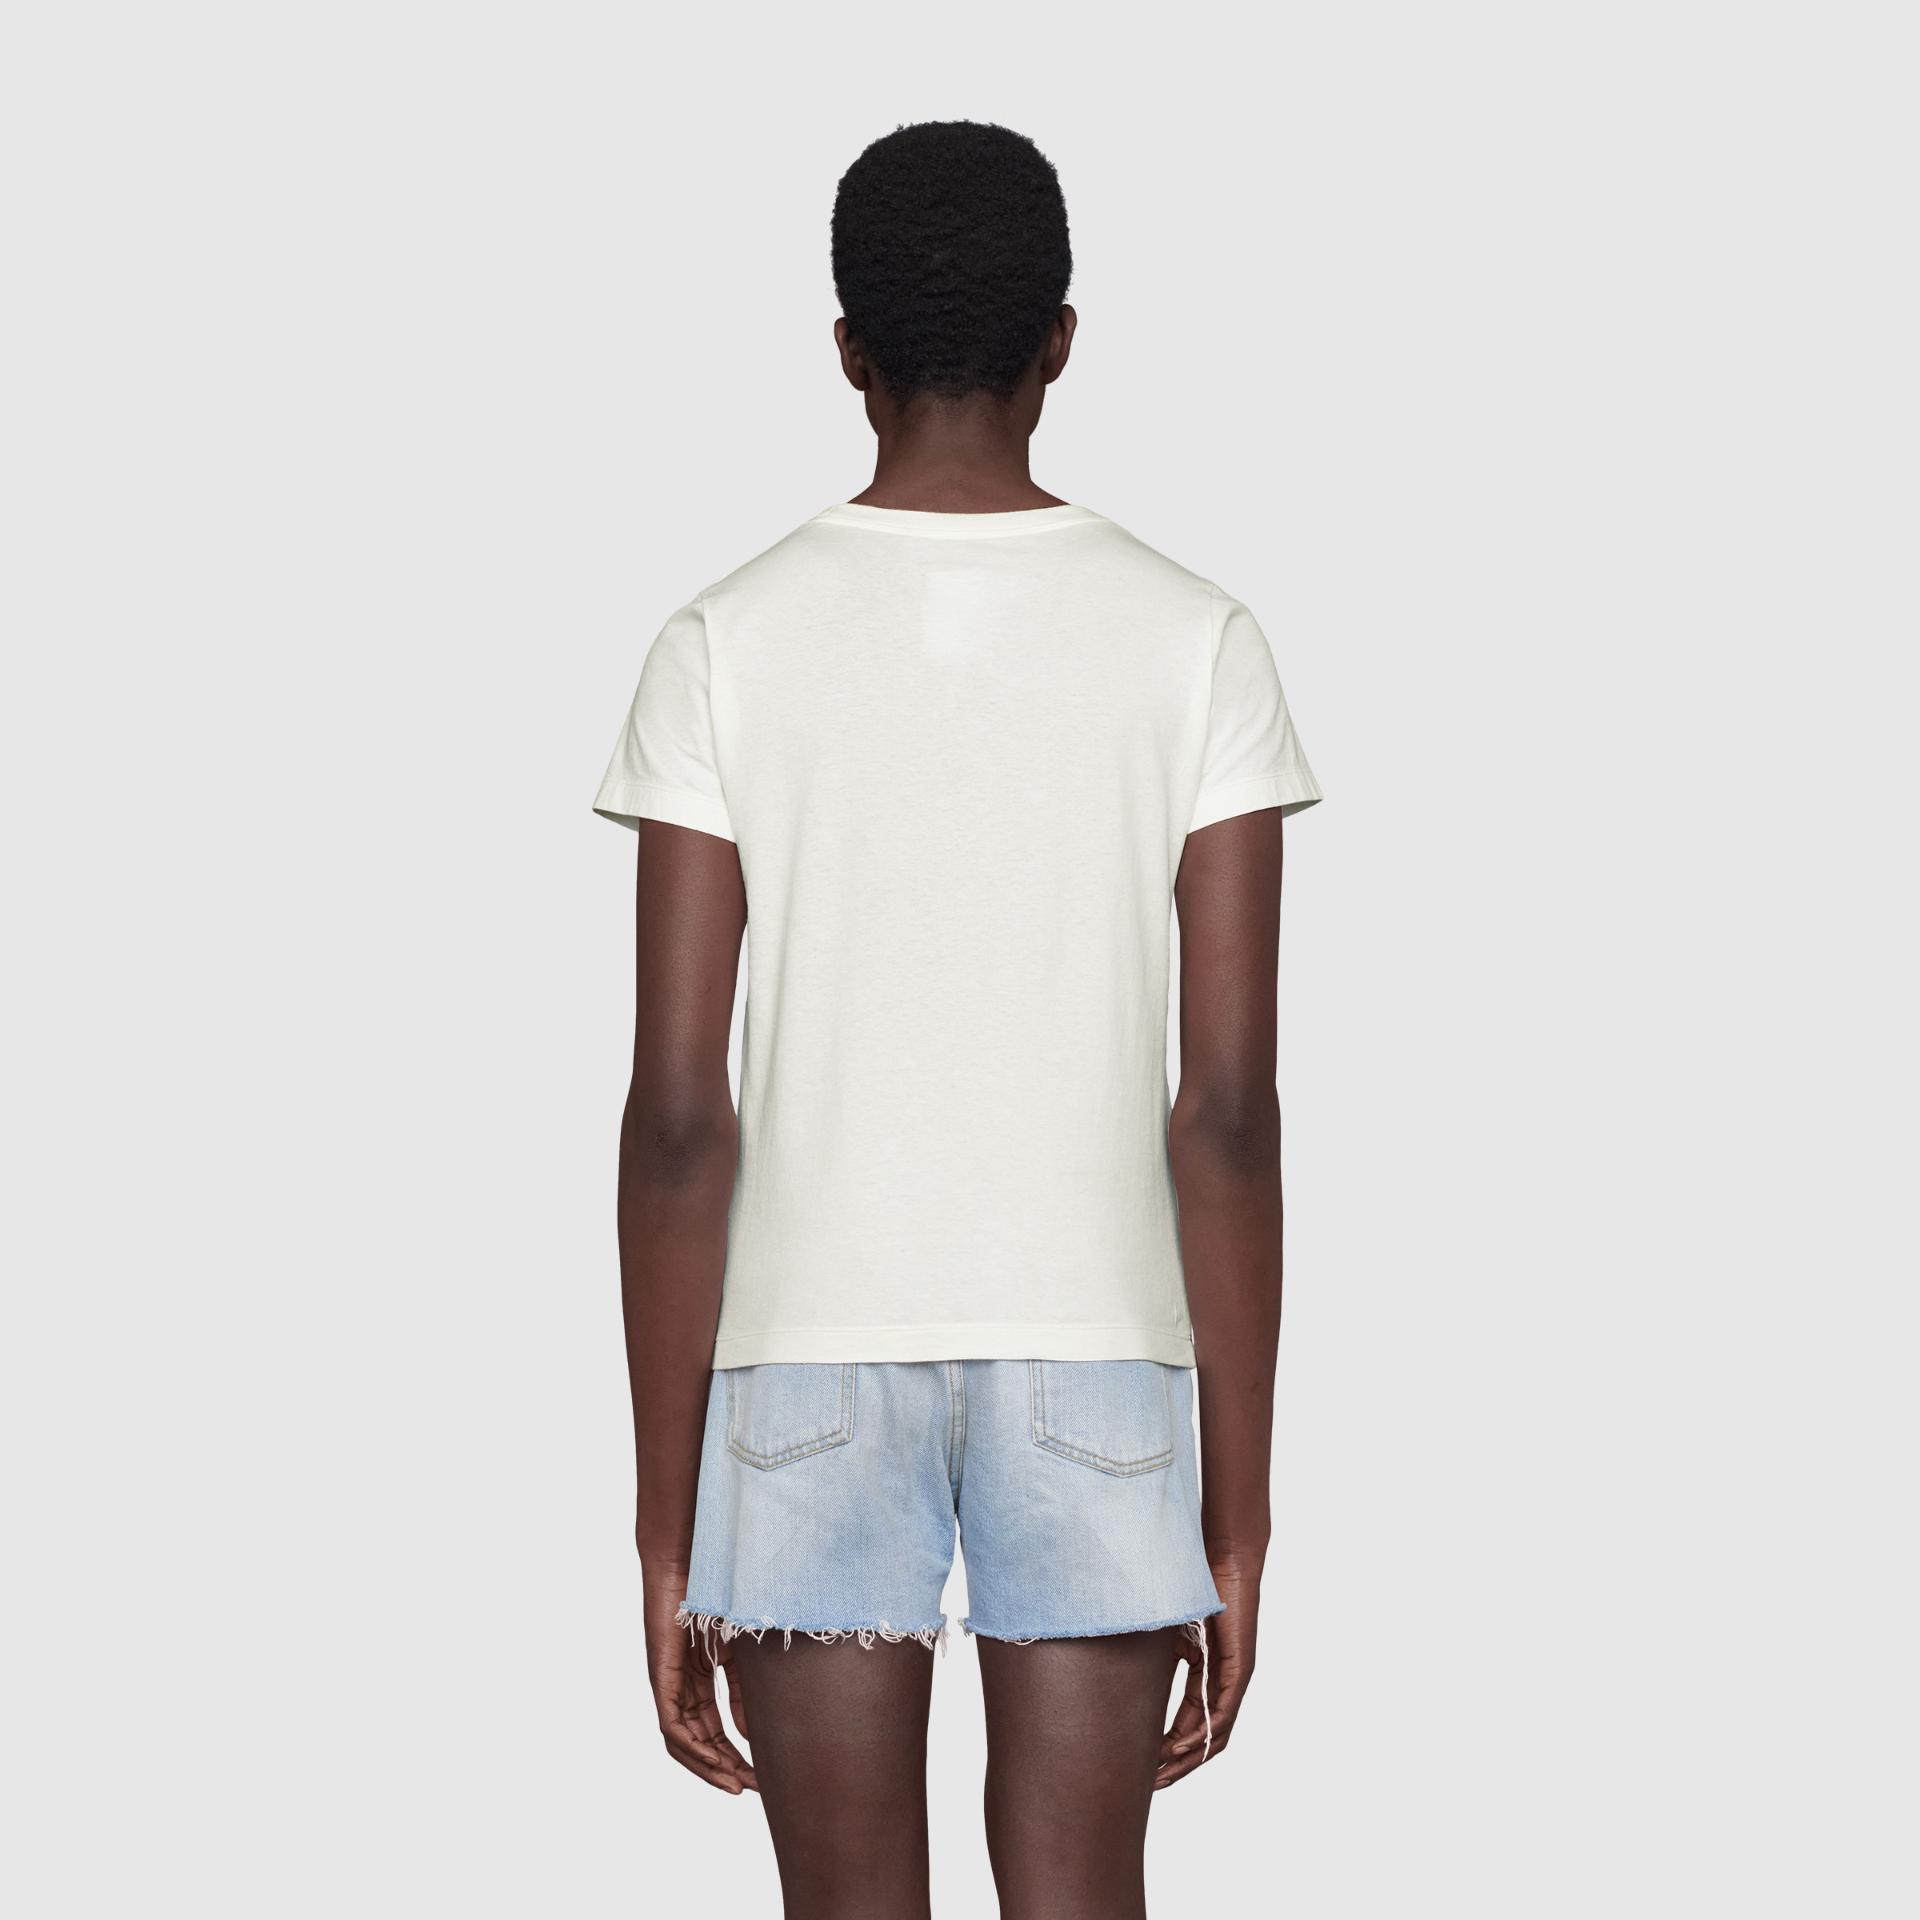 유럽직배송 구찌 GUCCI Gucci - The North Face x Gucci print cotton T-shirt 651722XJDCK9133